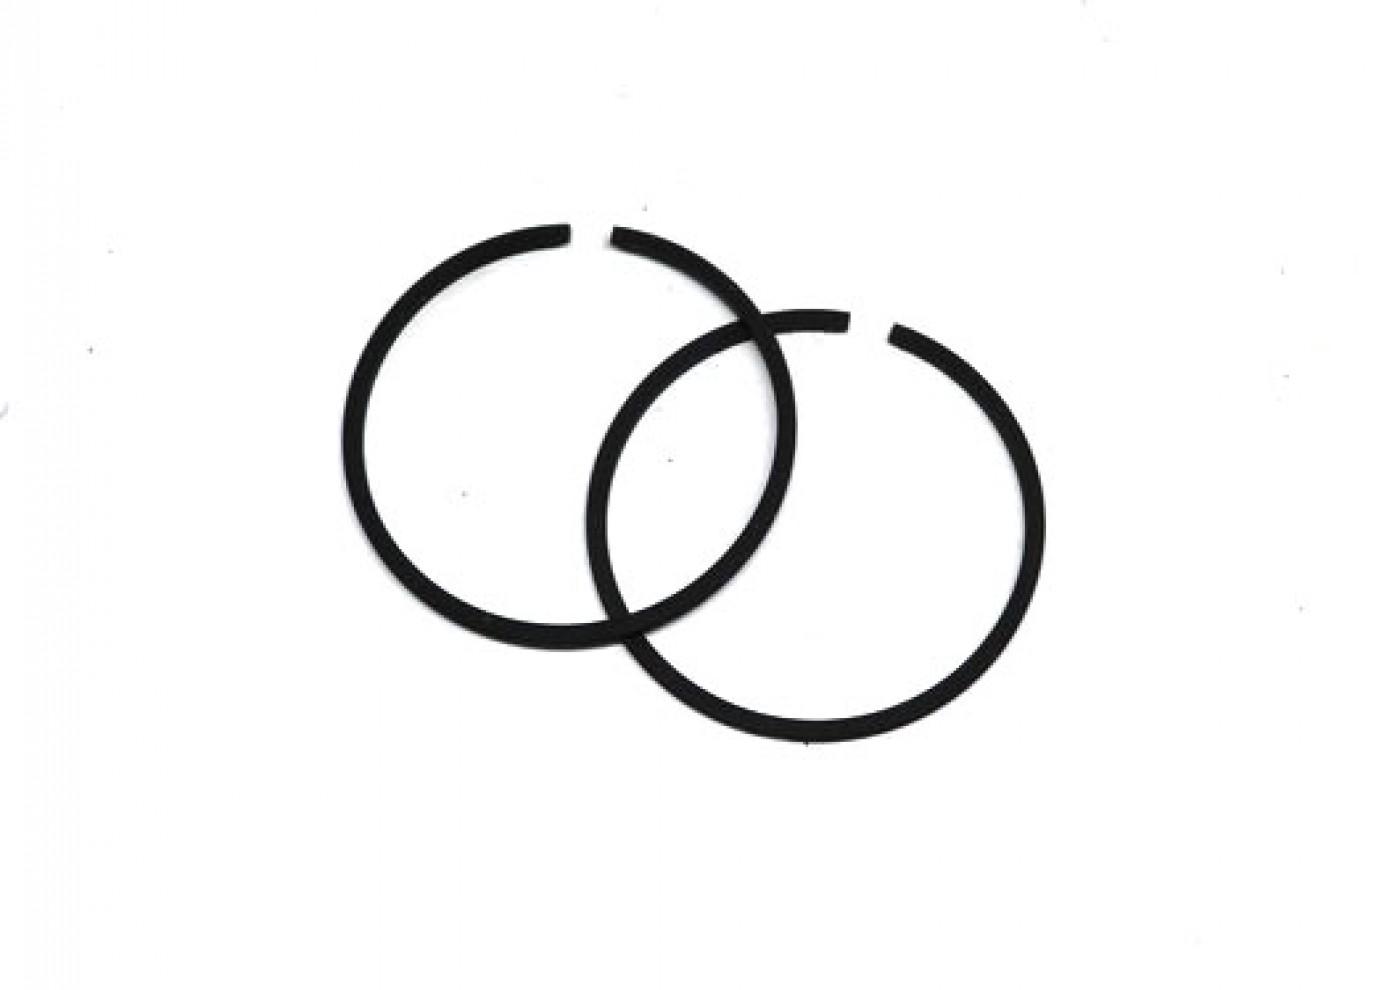 Sada pístních kroužků - 44,7 mm